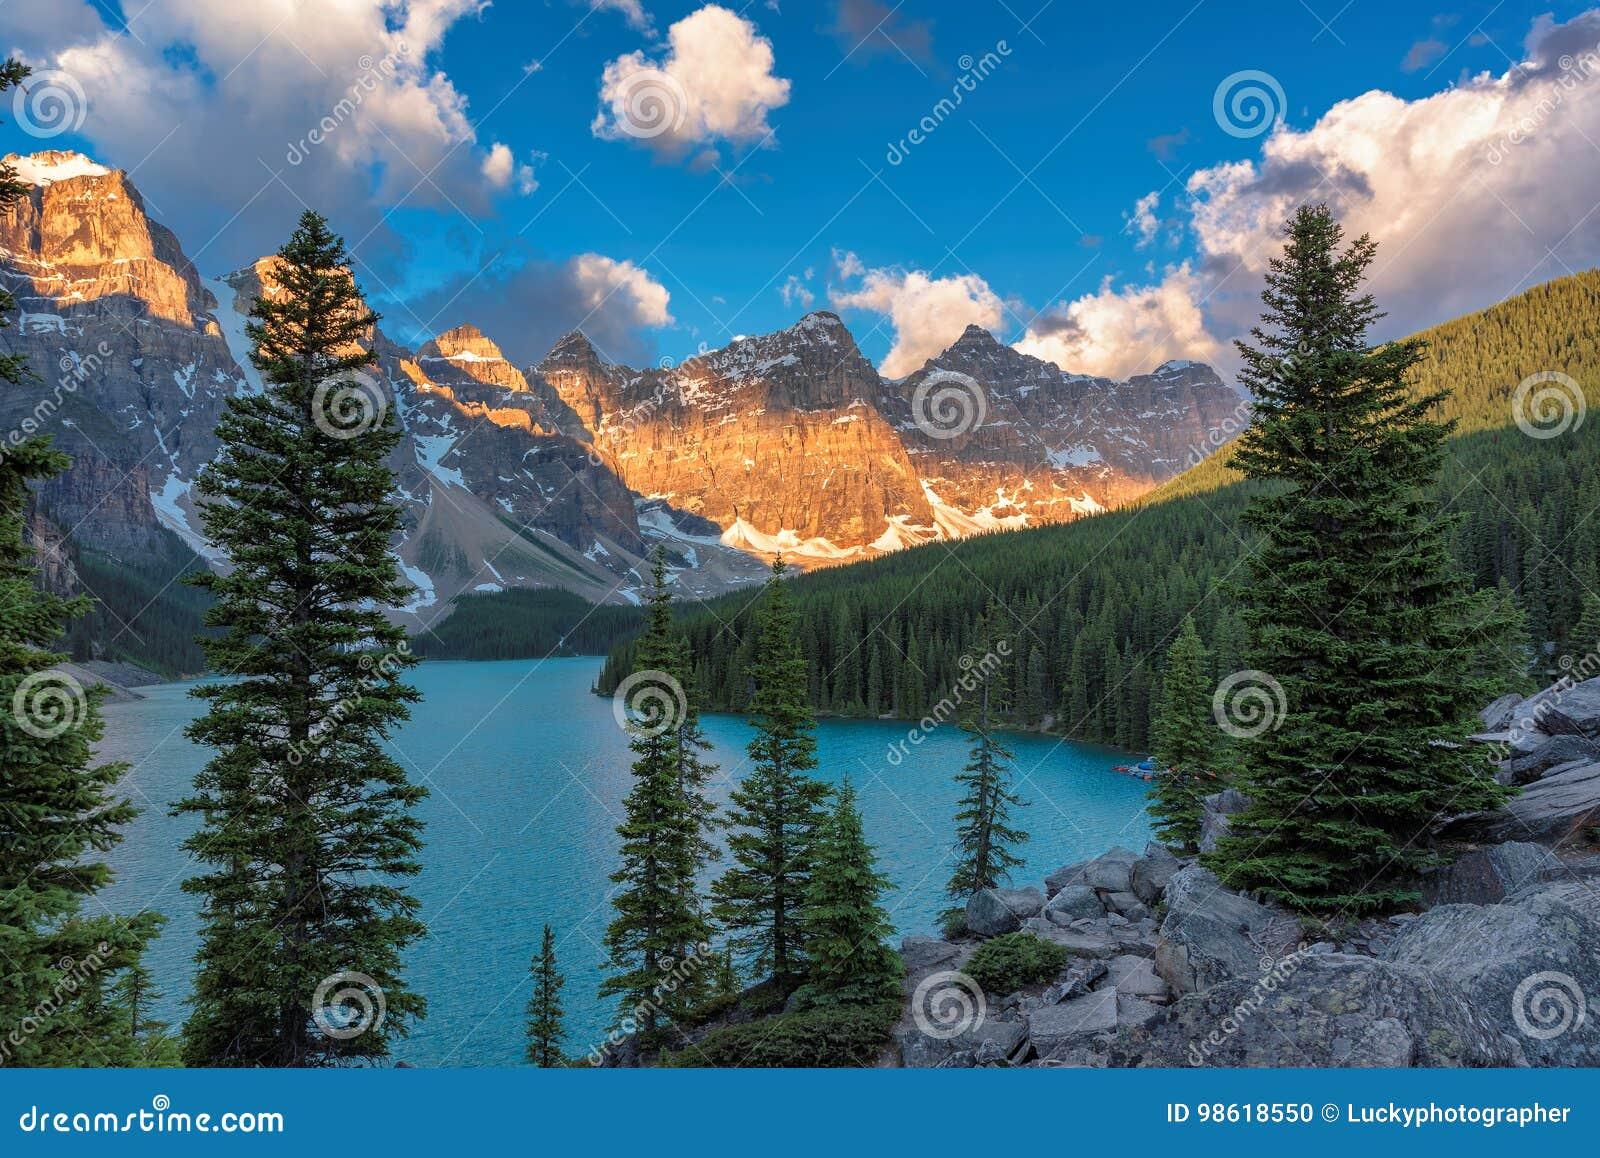 Bello lago moraine ad alba nel parco nazionale di Banff, Alberta, Canada